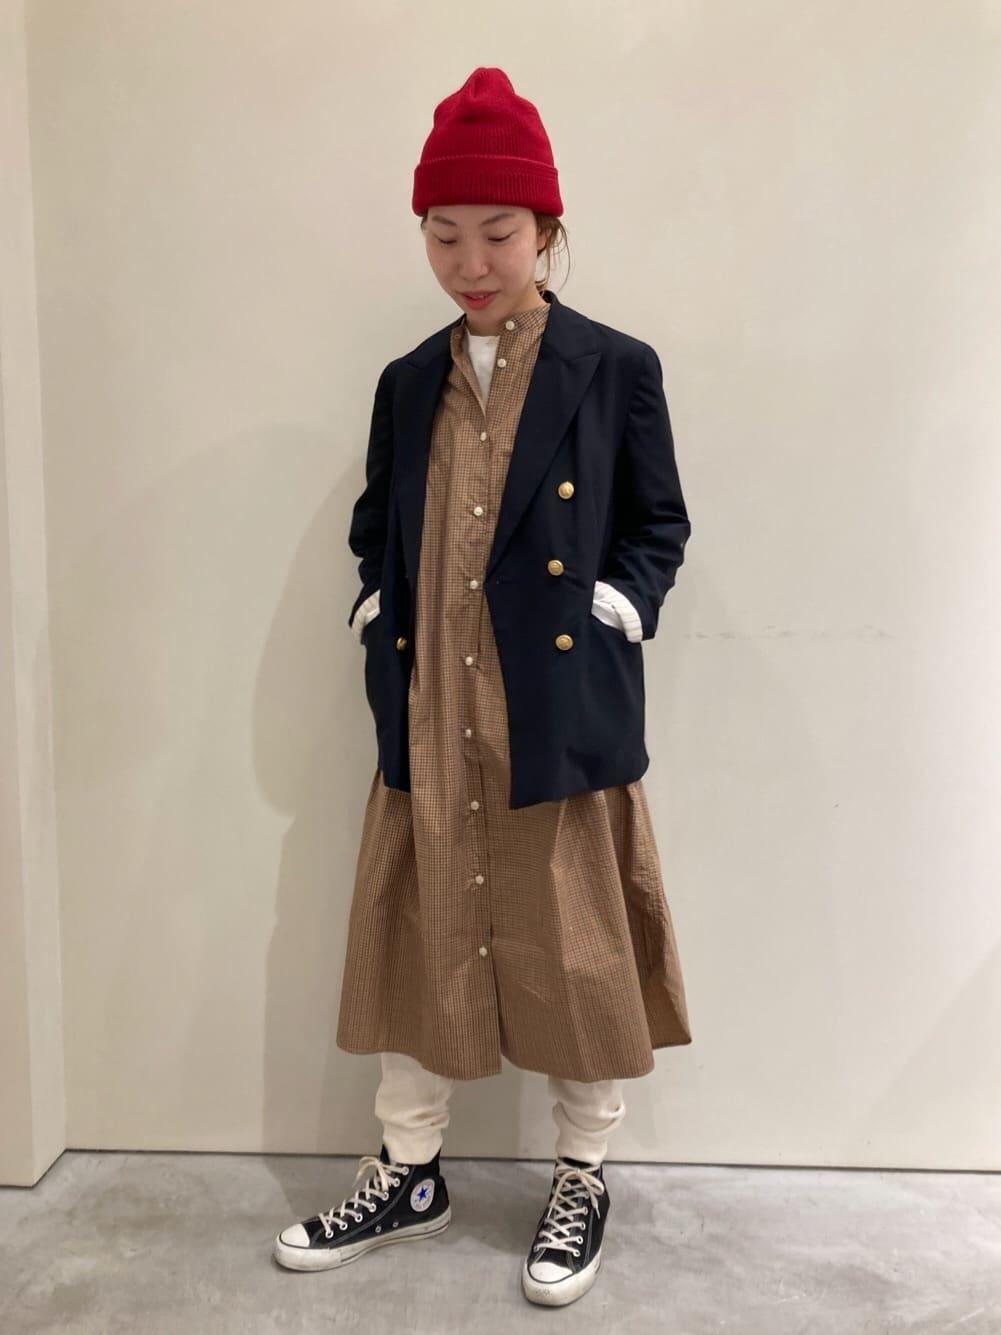 - CHILD WOMAN CHILD WOMAN , PAR ICI 新宿ミロード 身長:159cm 2021.09.14